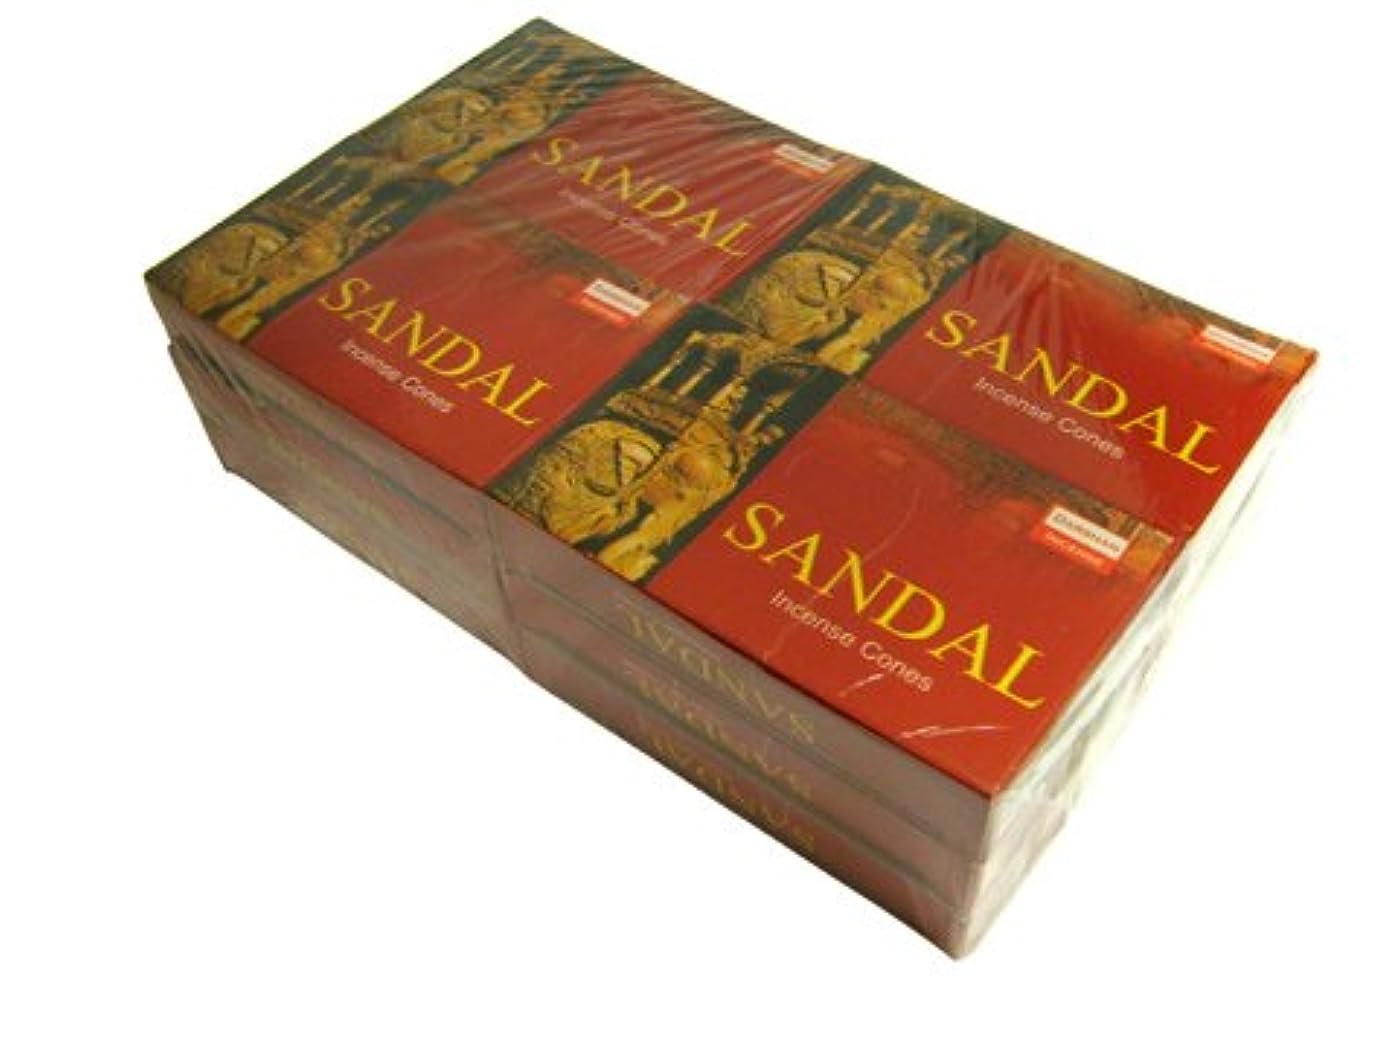 織る自由相互接続DARSHAN(ダルシャン) サンダル香 コーンタイプ SANDAL CORN 12箱セット